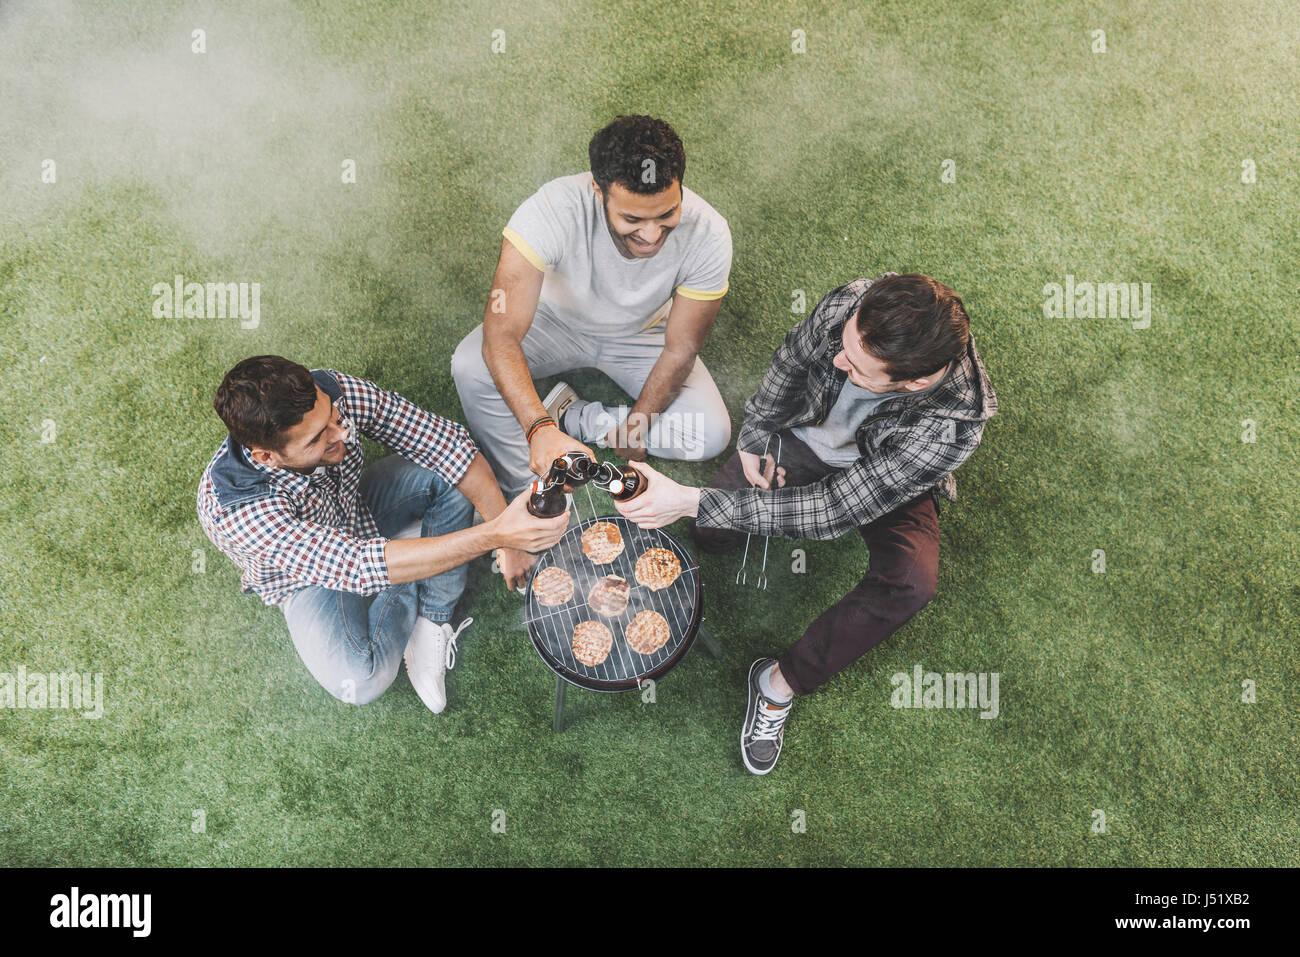 Draufsicht der jungen Männer auf dem Rasen sitzen und trinken Bier beim Grillen von Fleisch Stockbild